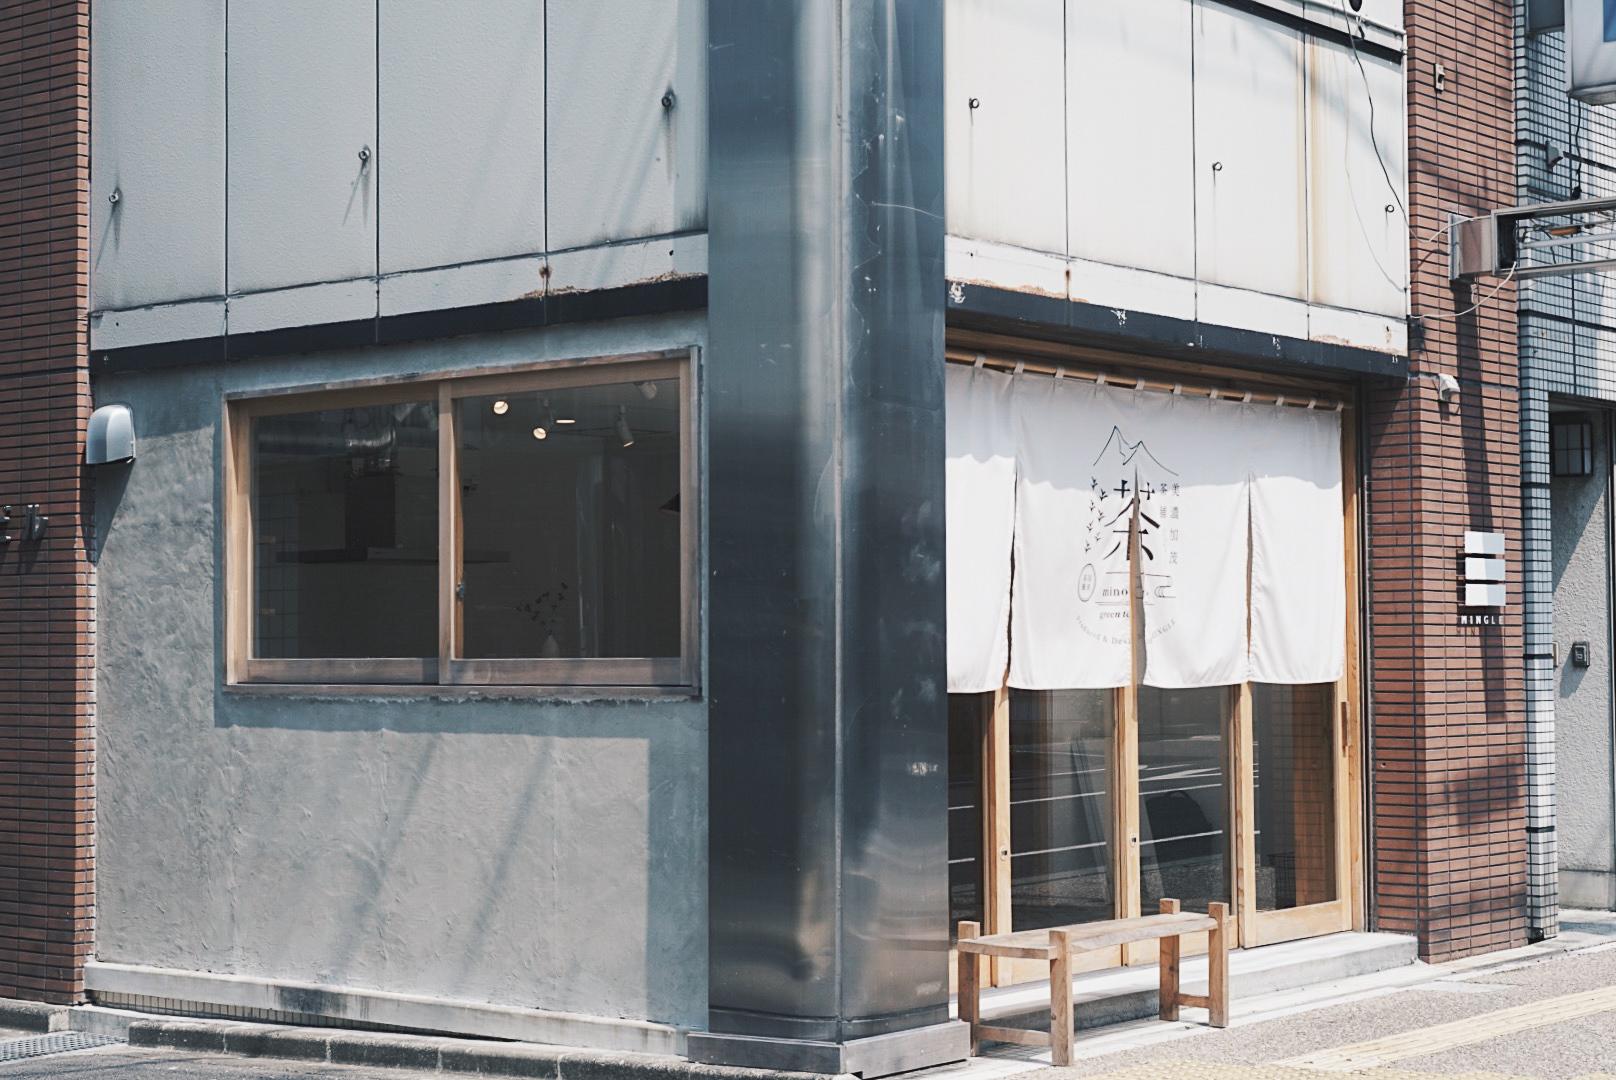 岐阜県美濃加茂市の新スポット! 話題の「泊まれる日本茶スタンド」を体験レポート - 39ED6D33 D69C 4064 97E0 A68AED7AEA0B